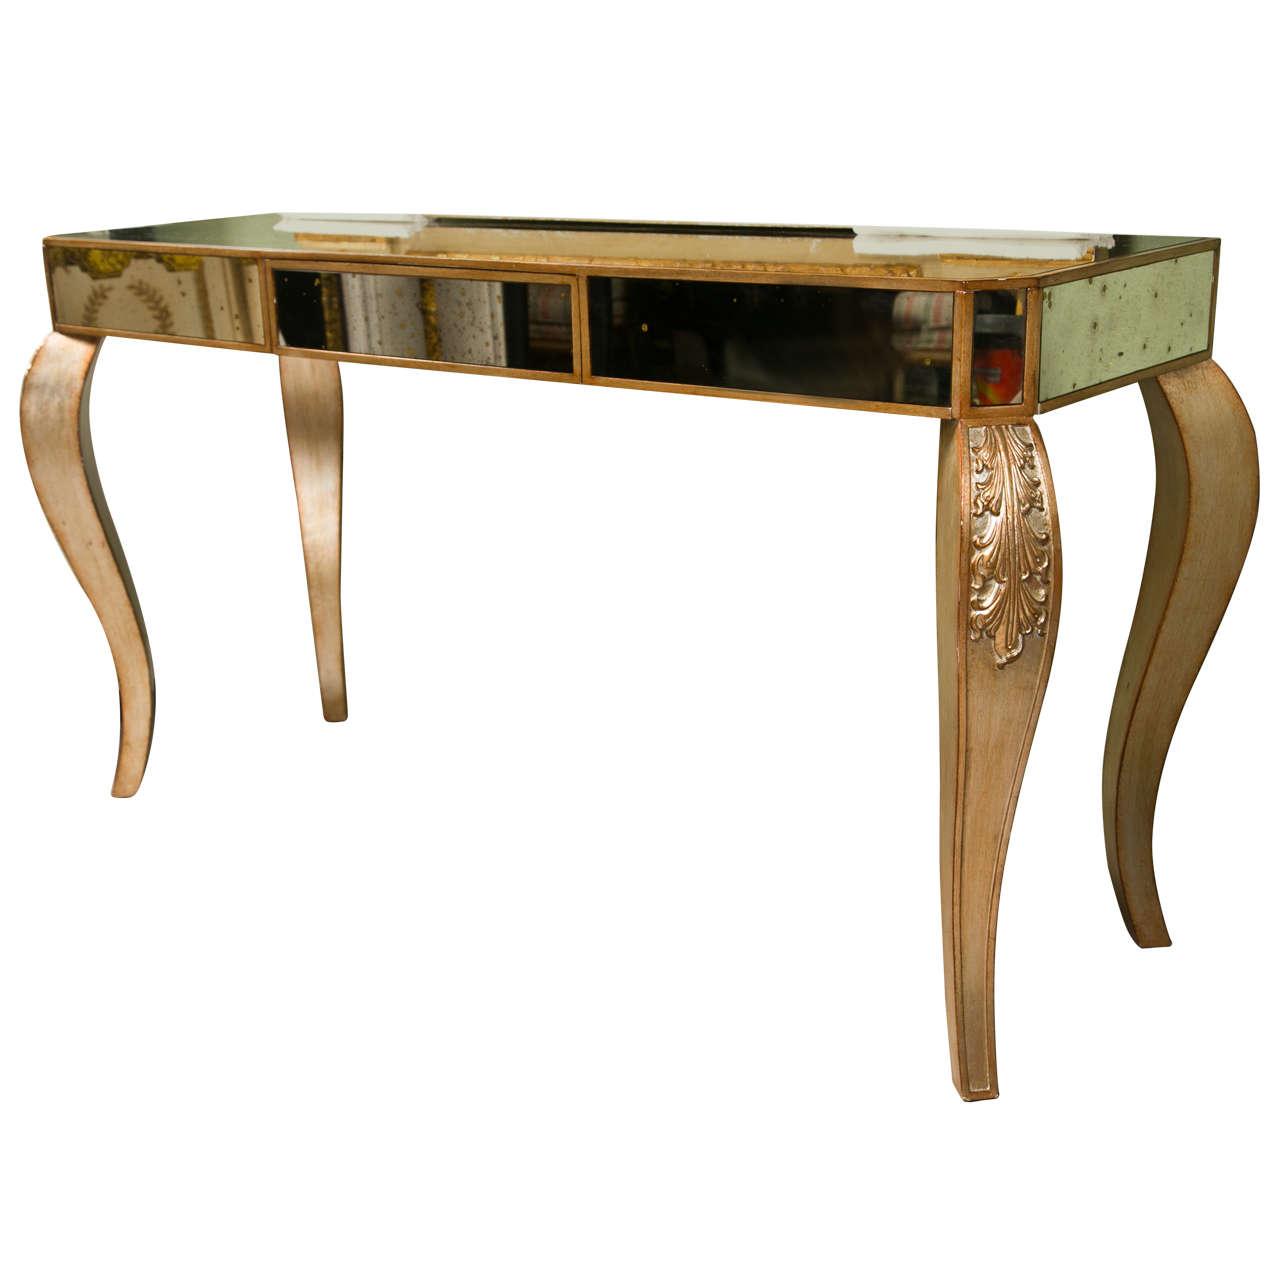 Decorative Mirrored Console Table